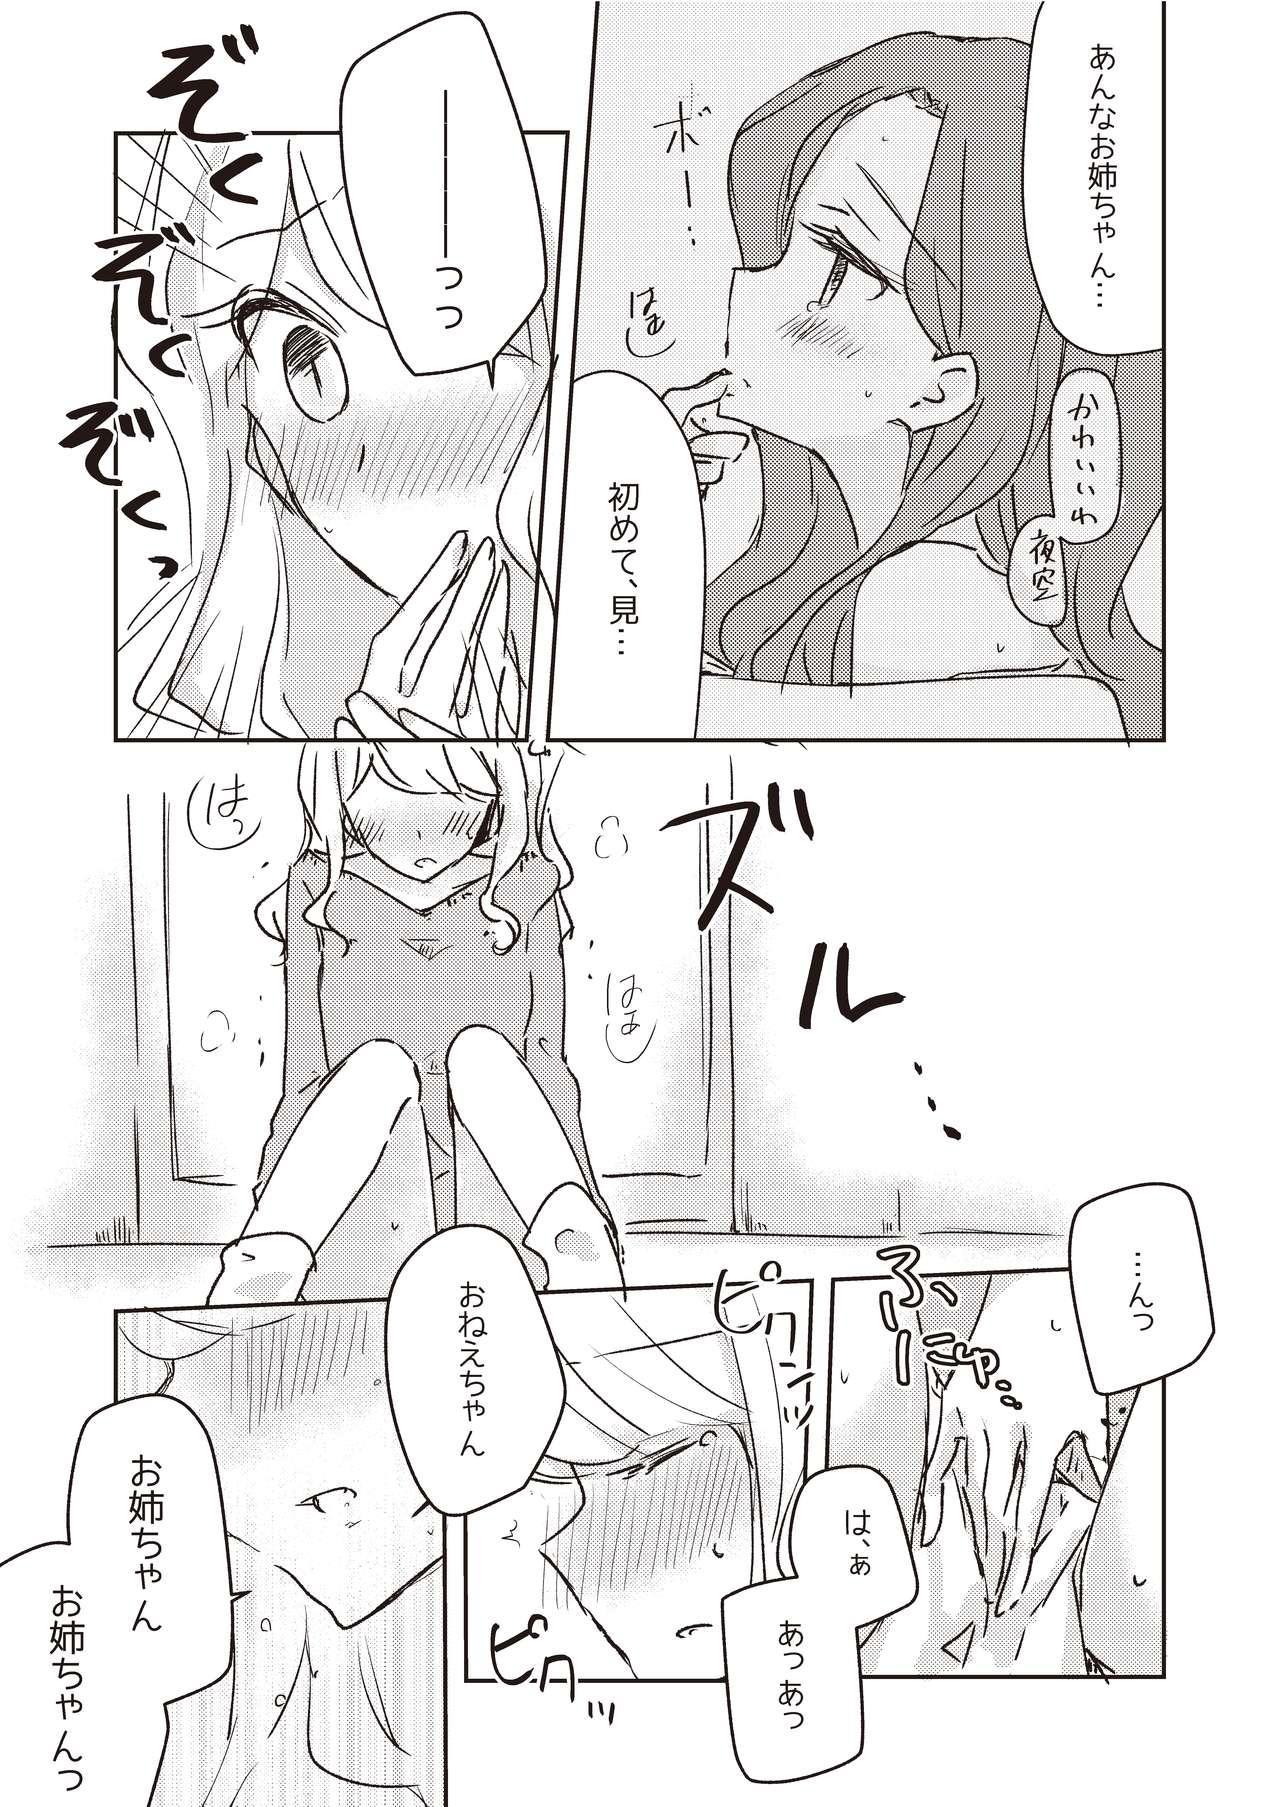 Koukotsu 16